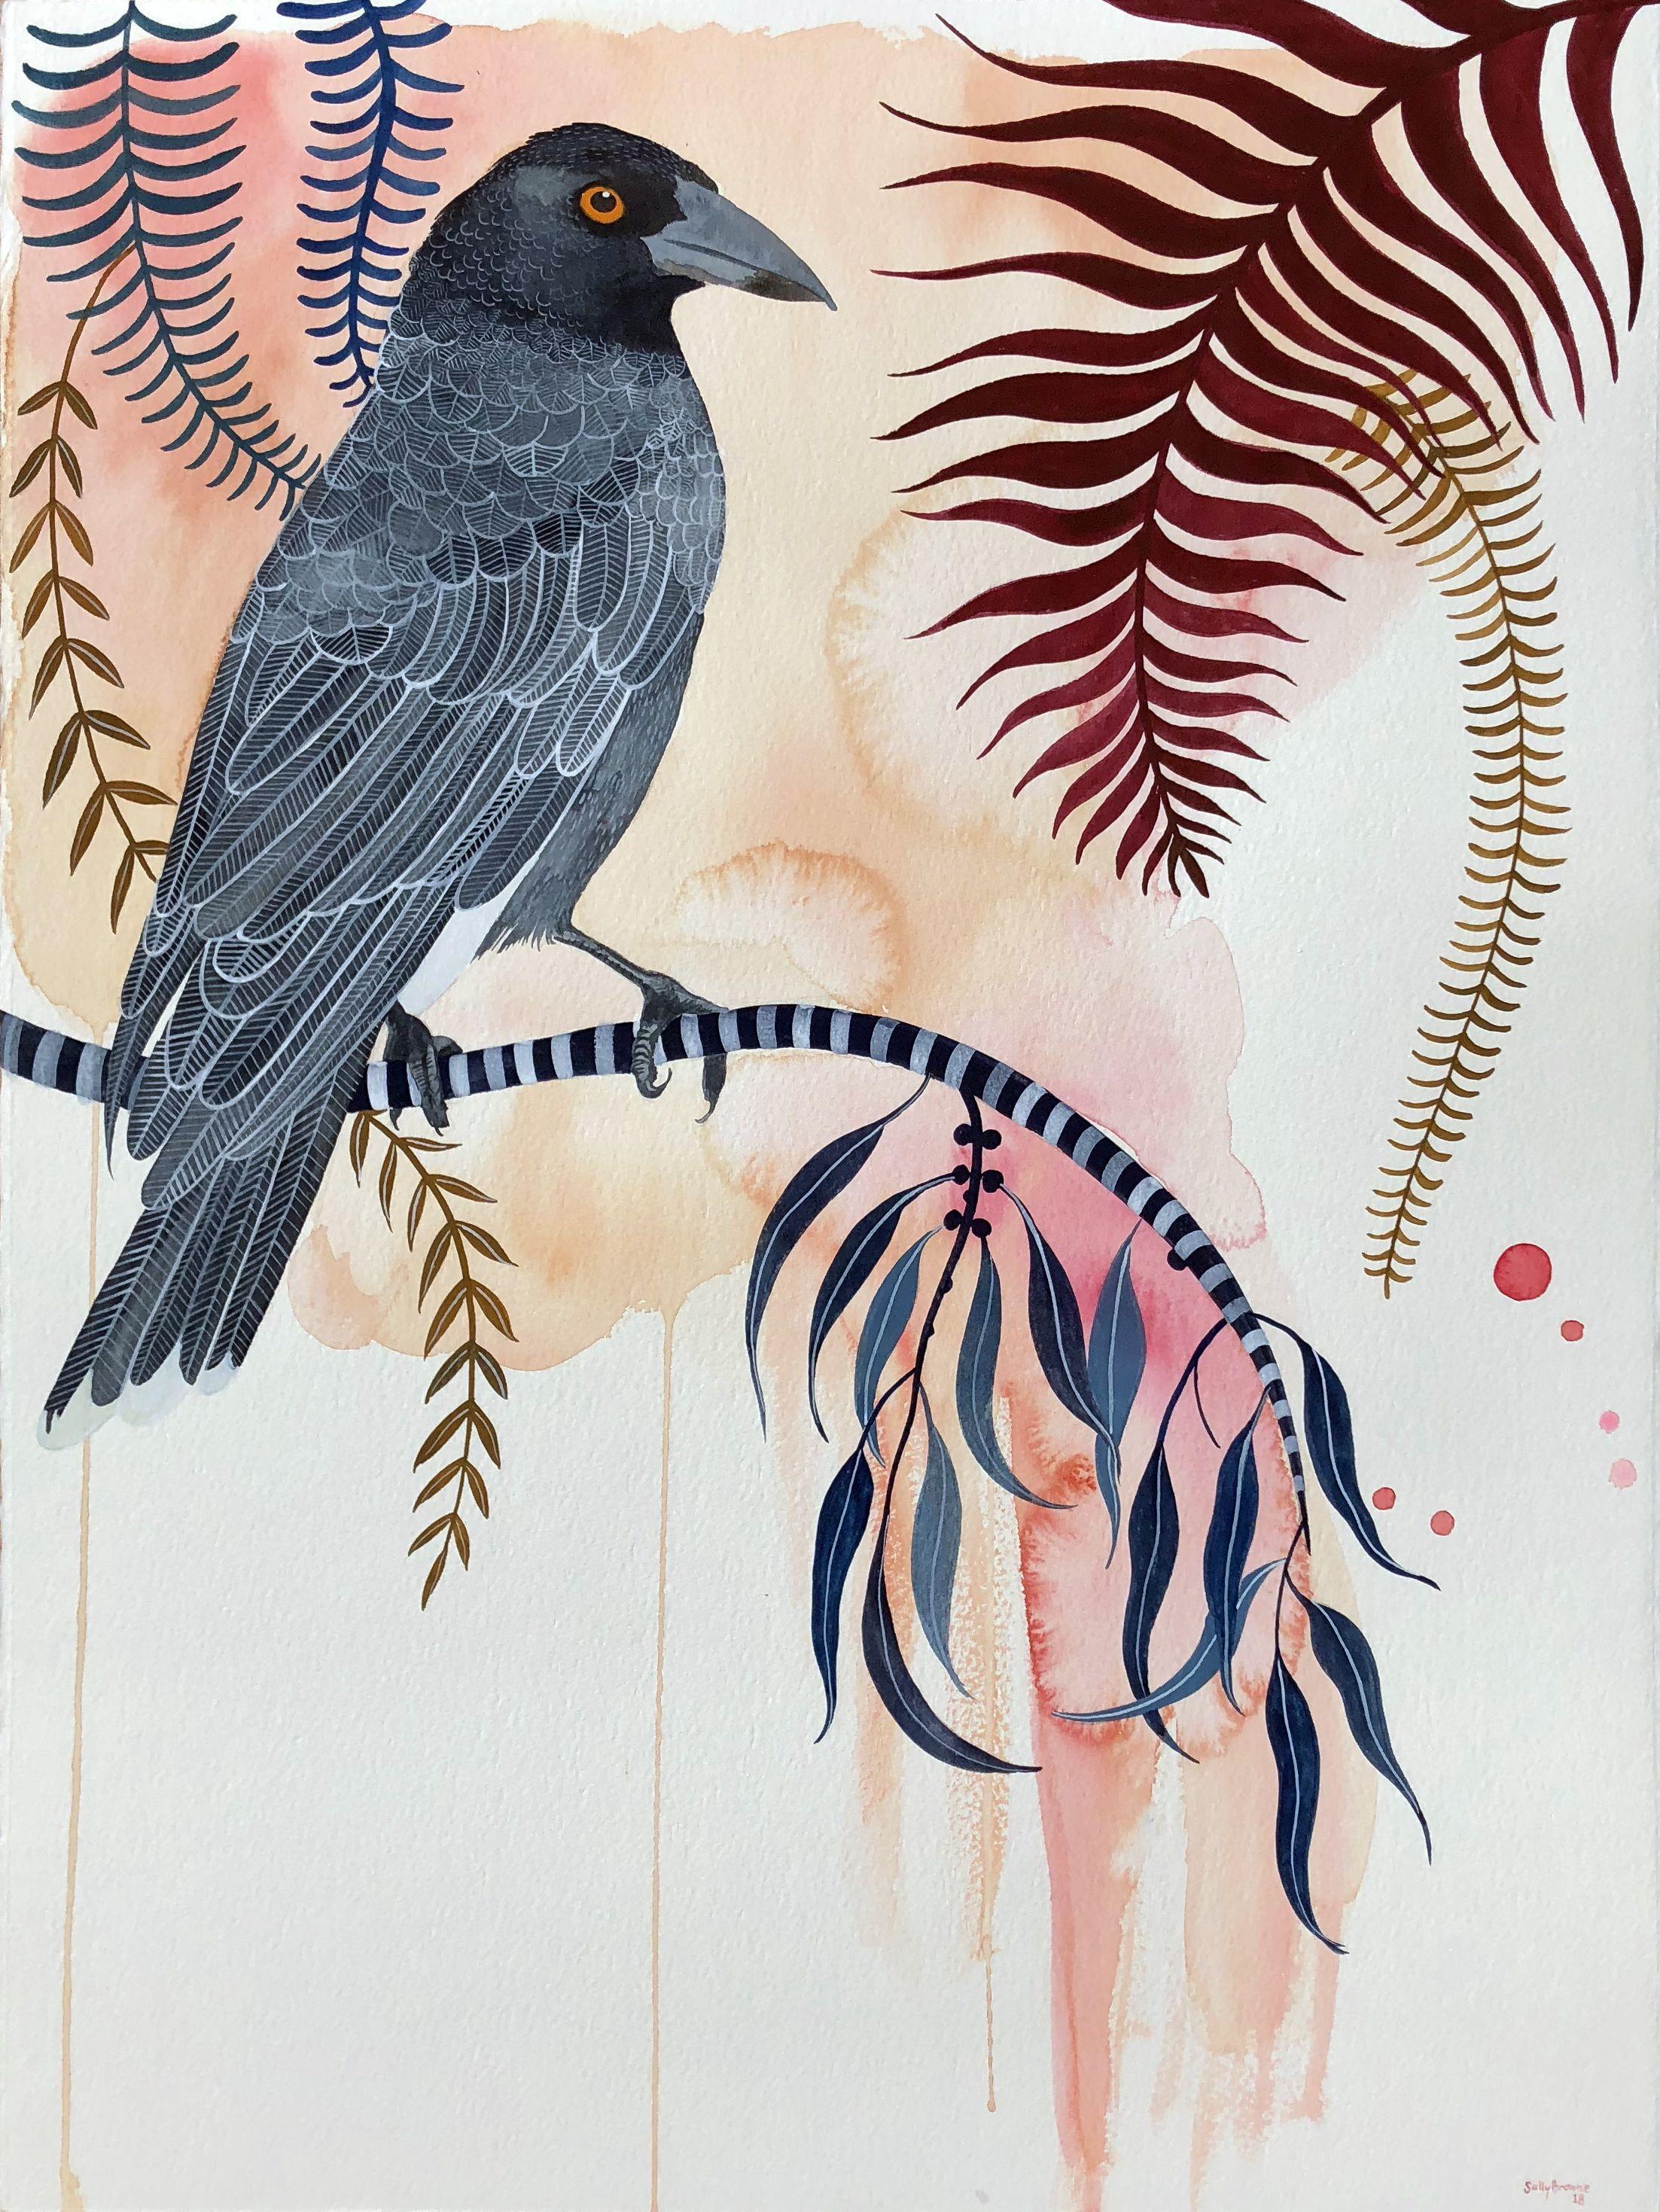 Currawong Song in 2020 Bird art, Bird prints, New art